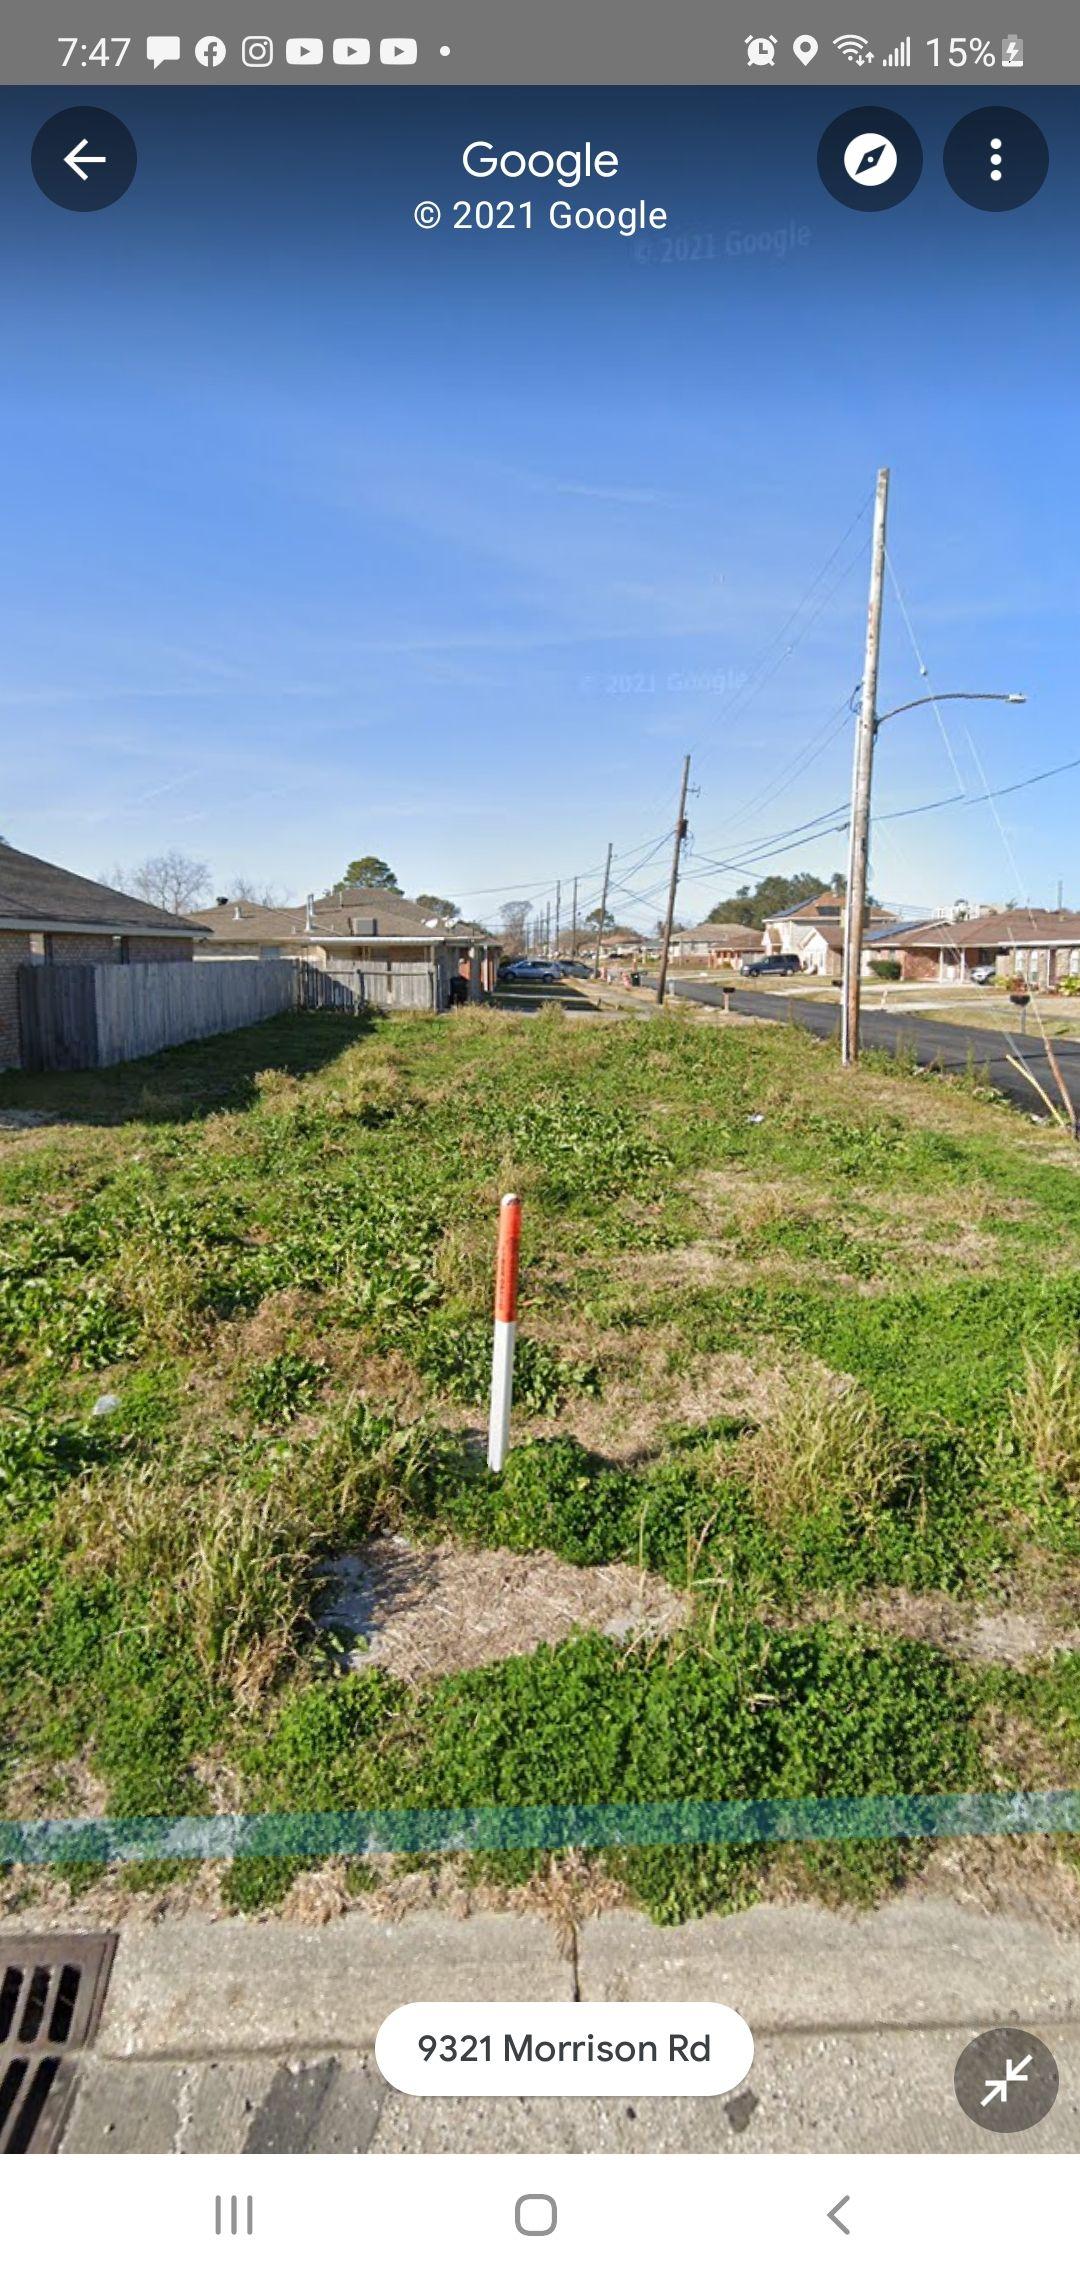 39801 Morrison rd, New Orleans, LA